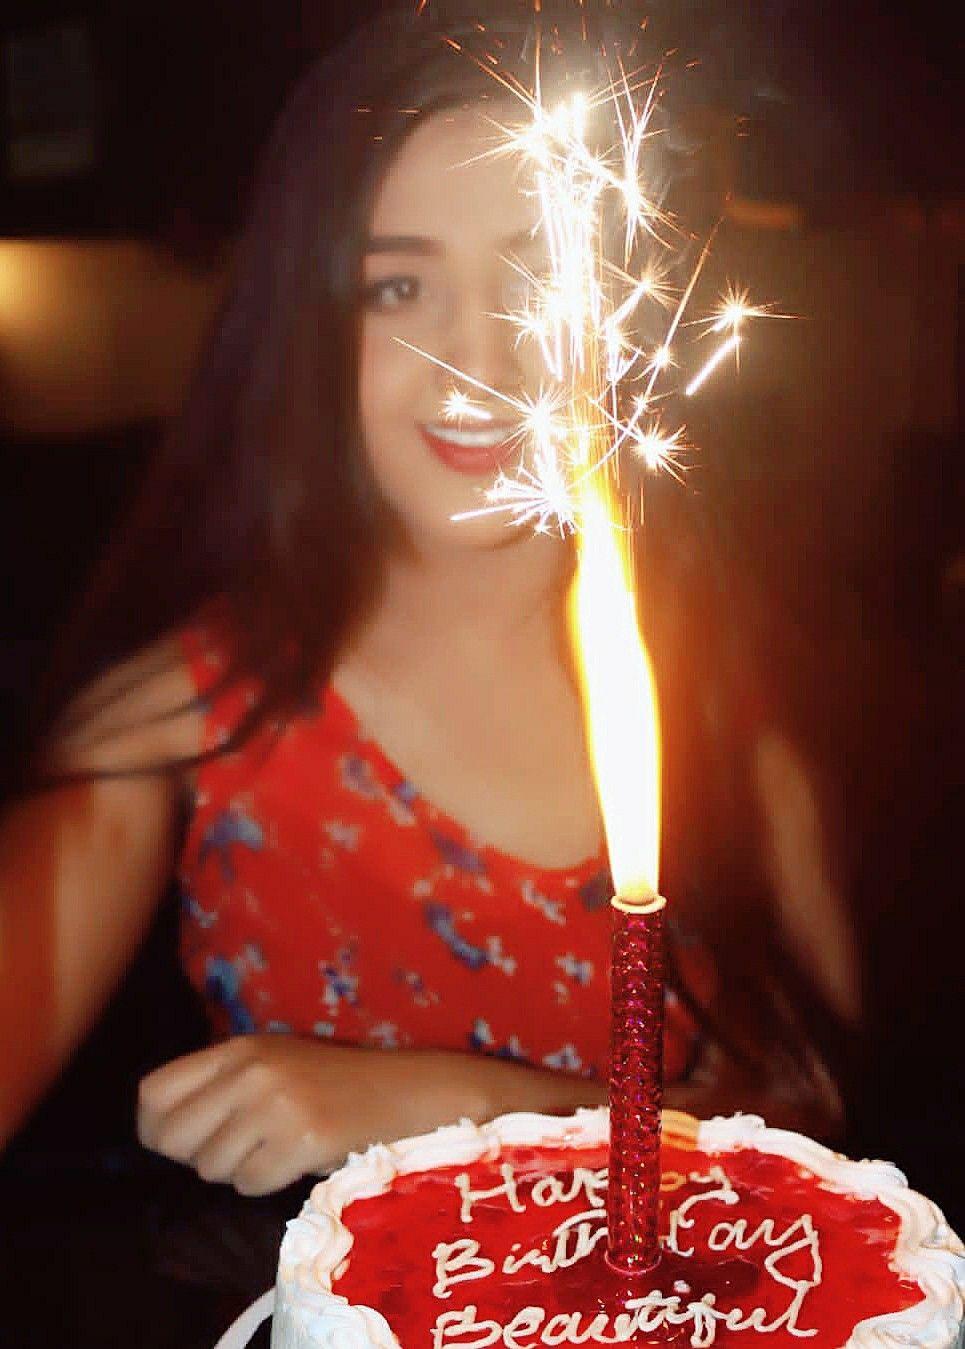 Pin By Syed Maktum Ali On Birthdays 21st Birthday Girl Bday Girl Girl Birthday